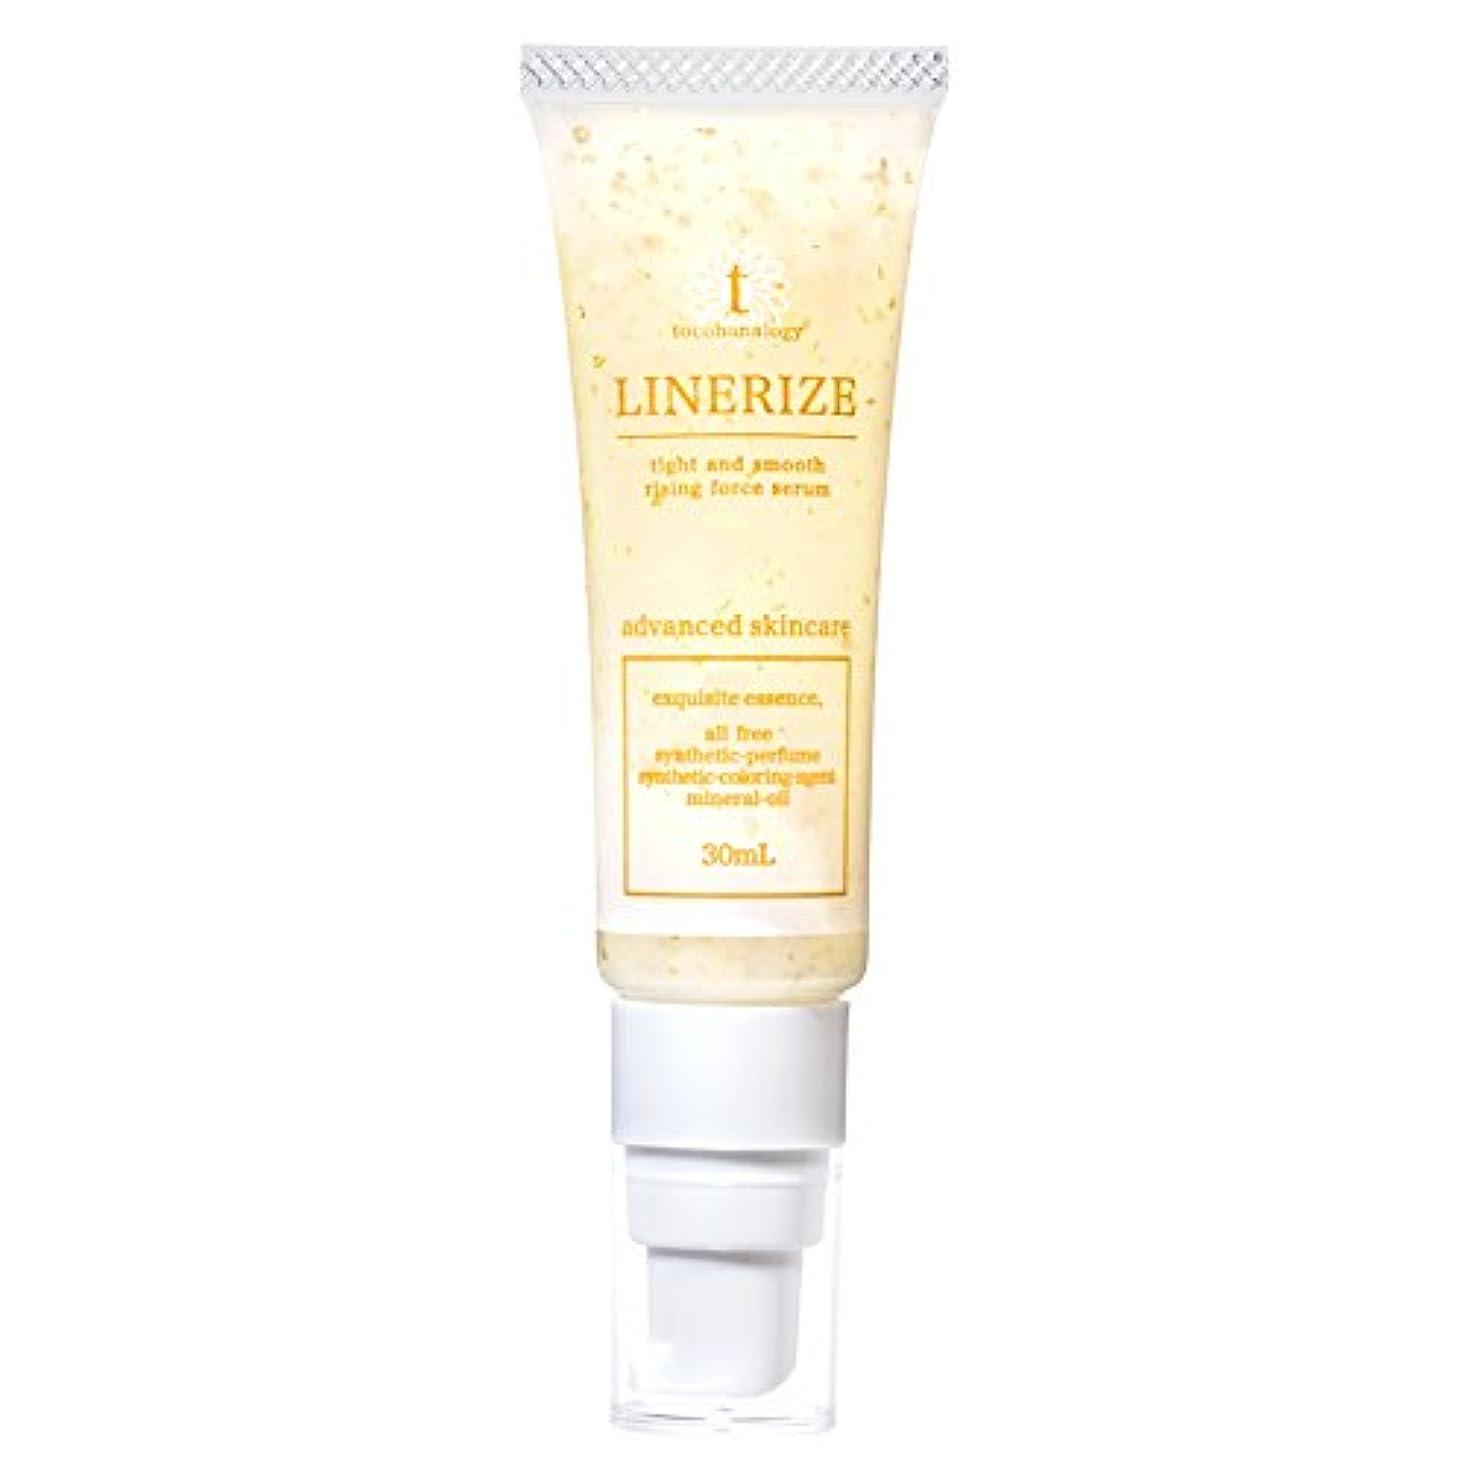 掃除夕方阻害するトコハナロジー リナライズ 黄金ジェル美容液 顔のむくみ たるみ ほうれい線 毛穴 対策